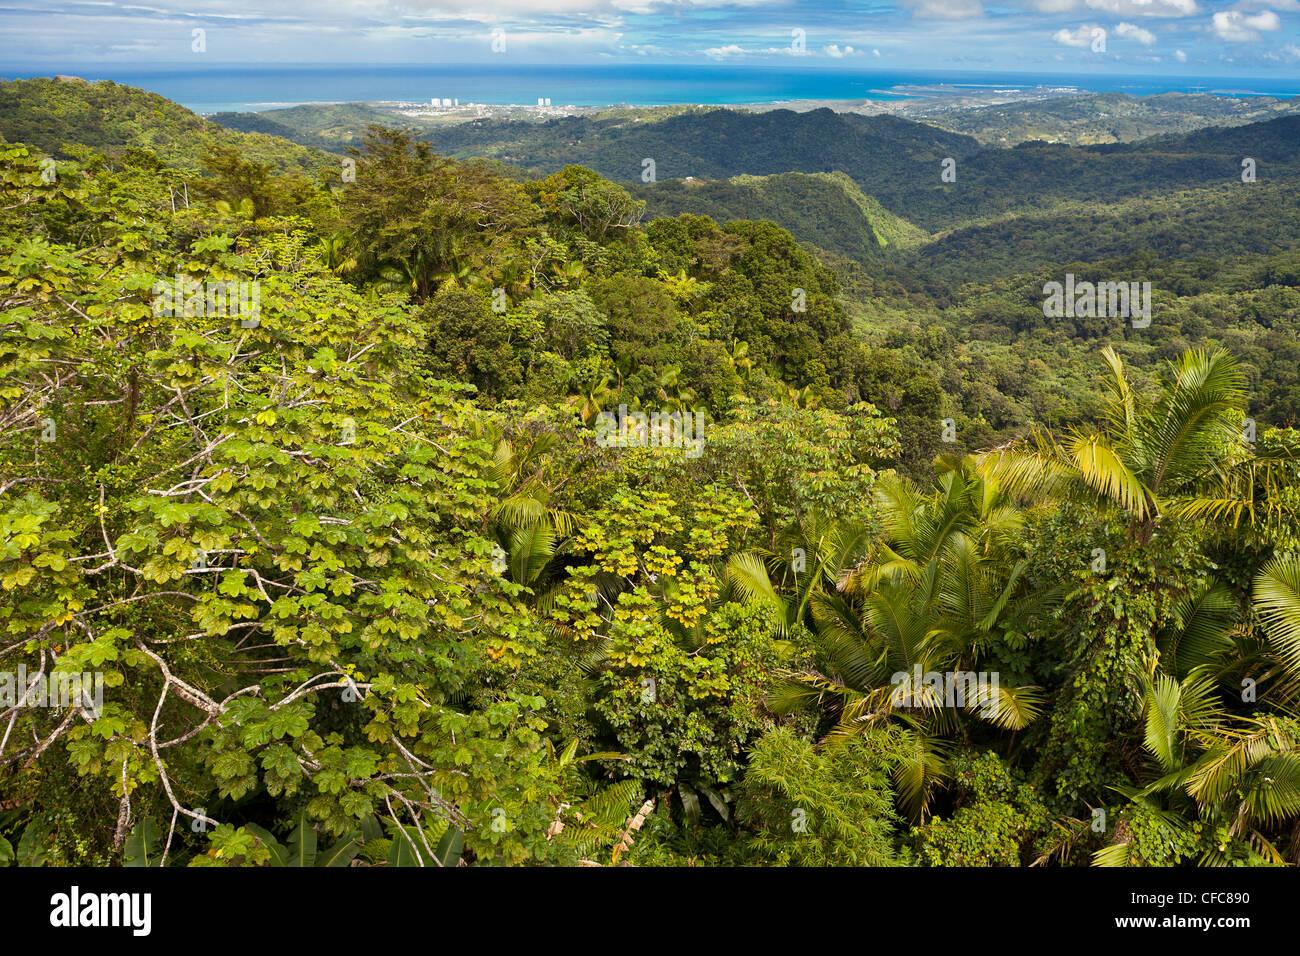 EL YUNQUE NATIONAL FOREST, PUERTO RICO - foresta pluviale giungla paesaggio tettoia e costa vicino a Luquillo Immagini Stock